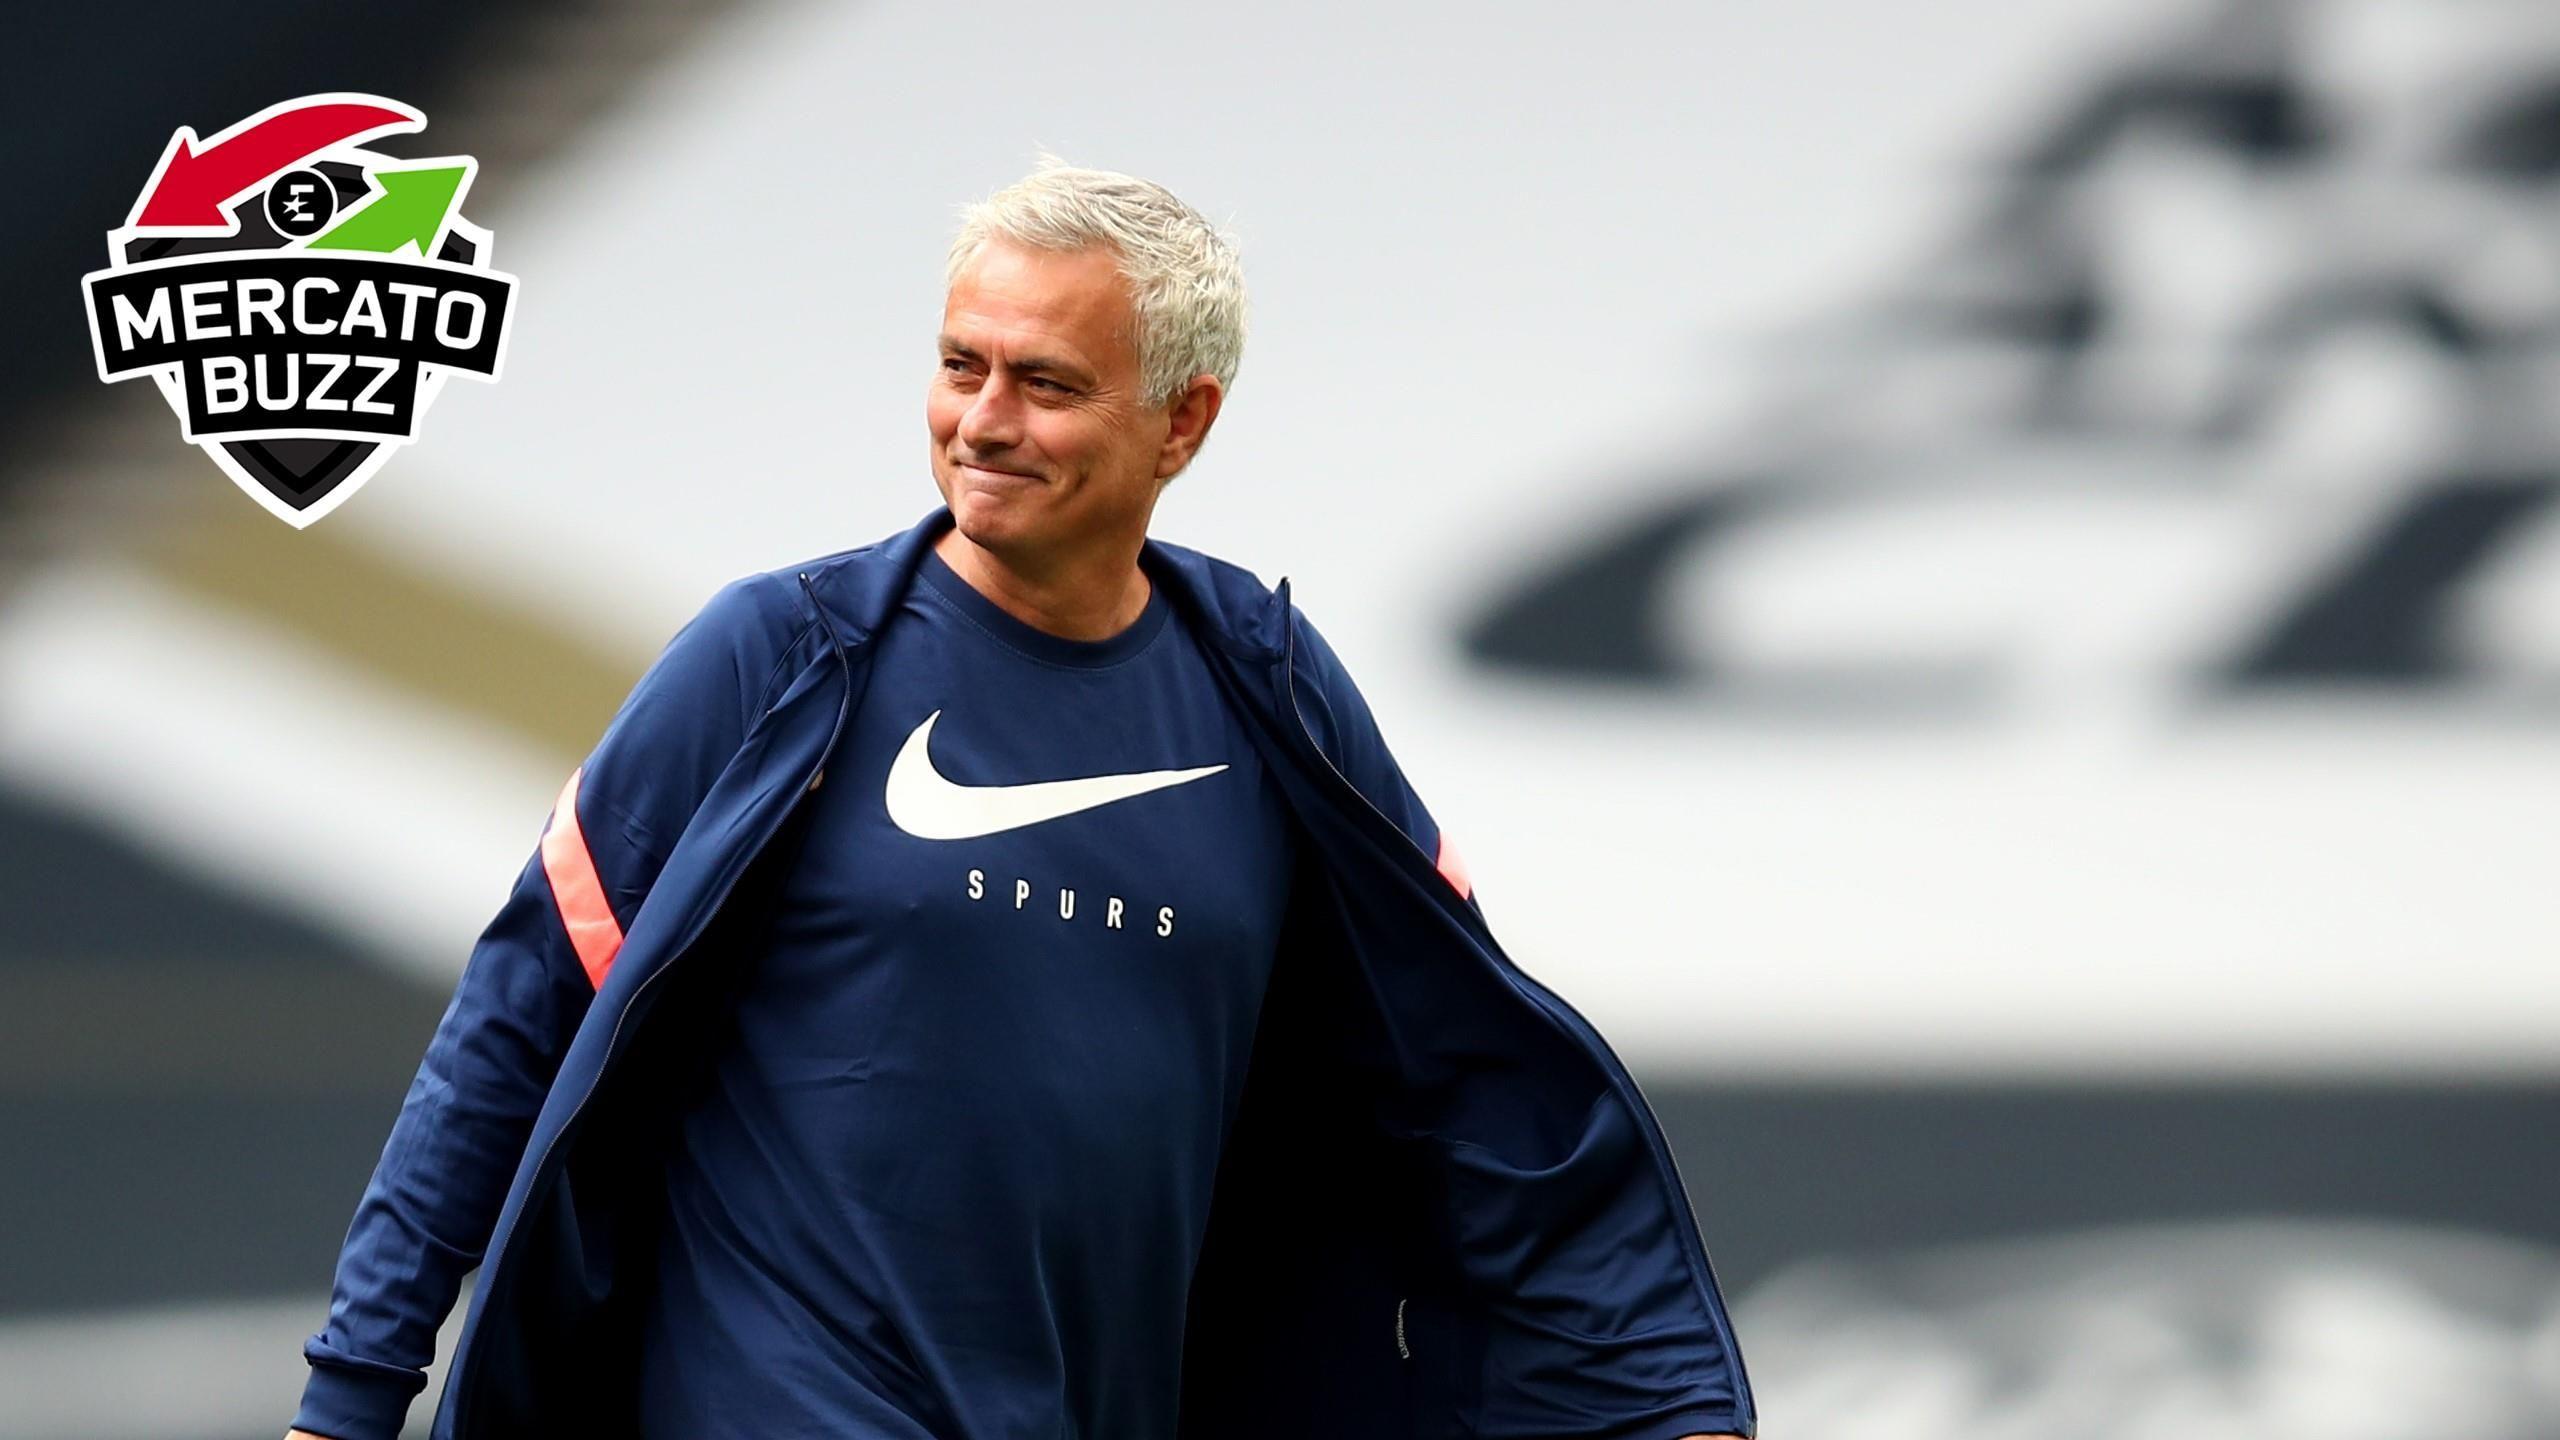 José Mourinho sur le point de jouer un sale tour au PSG